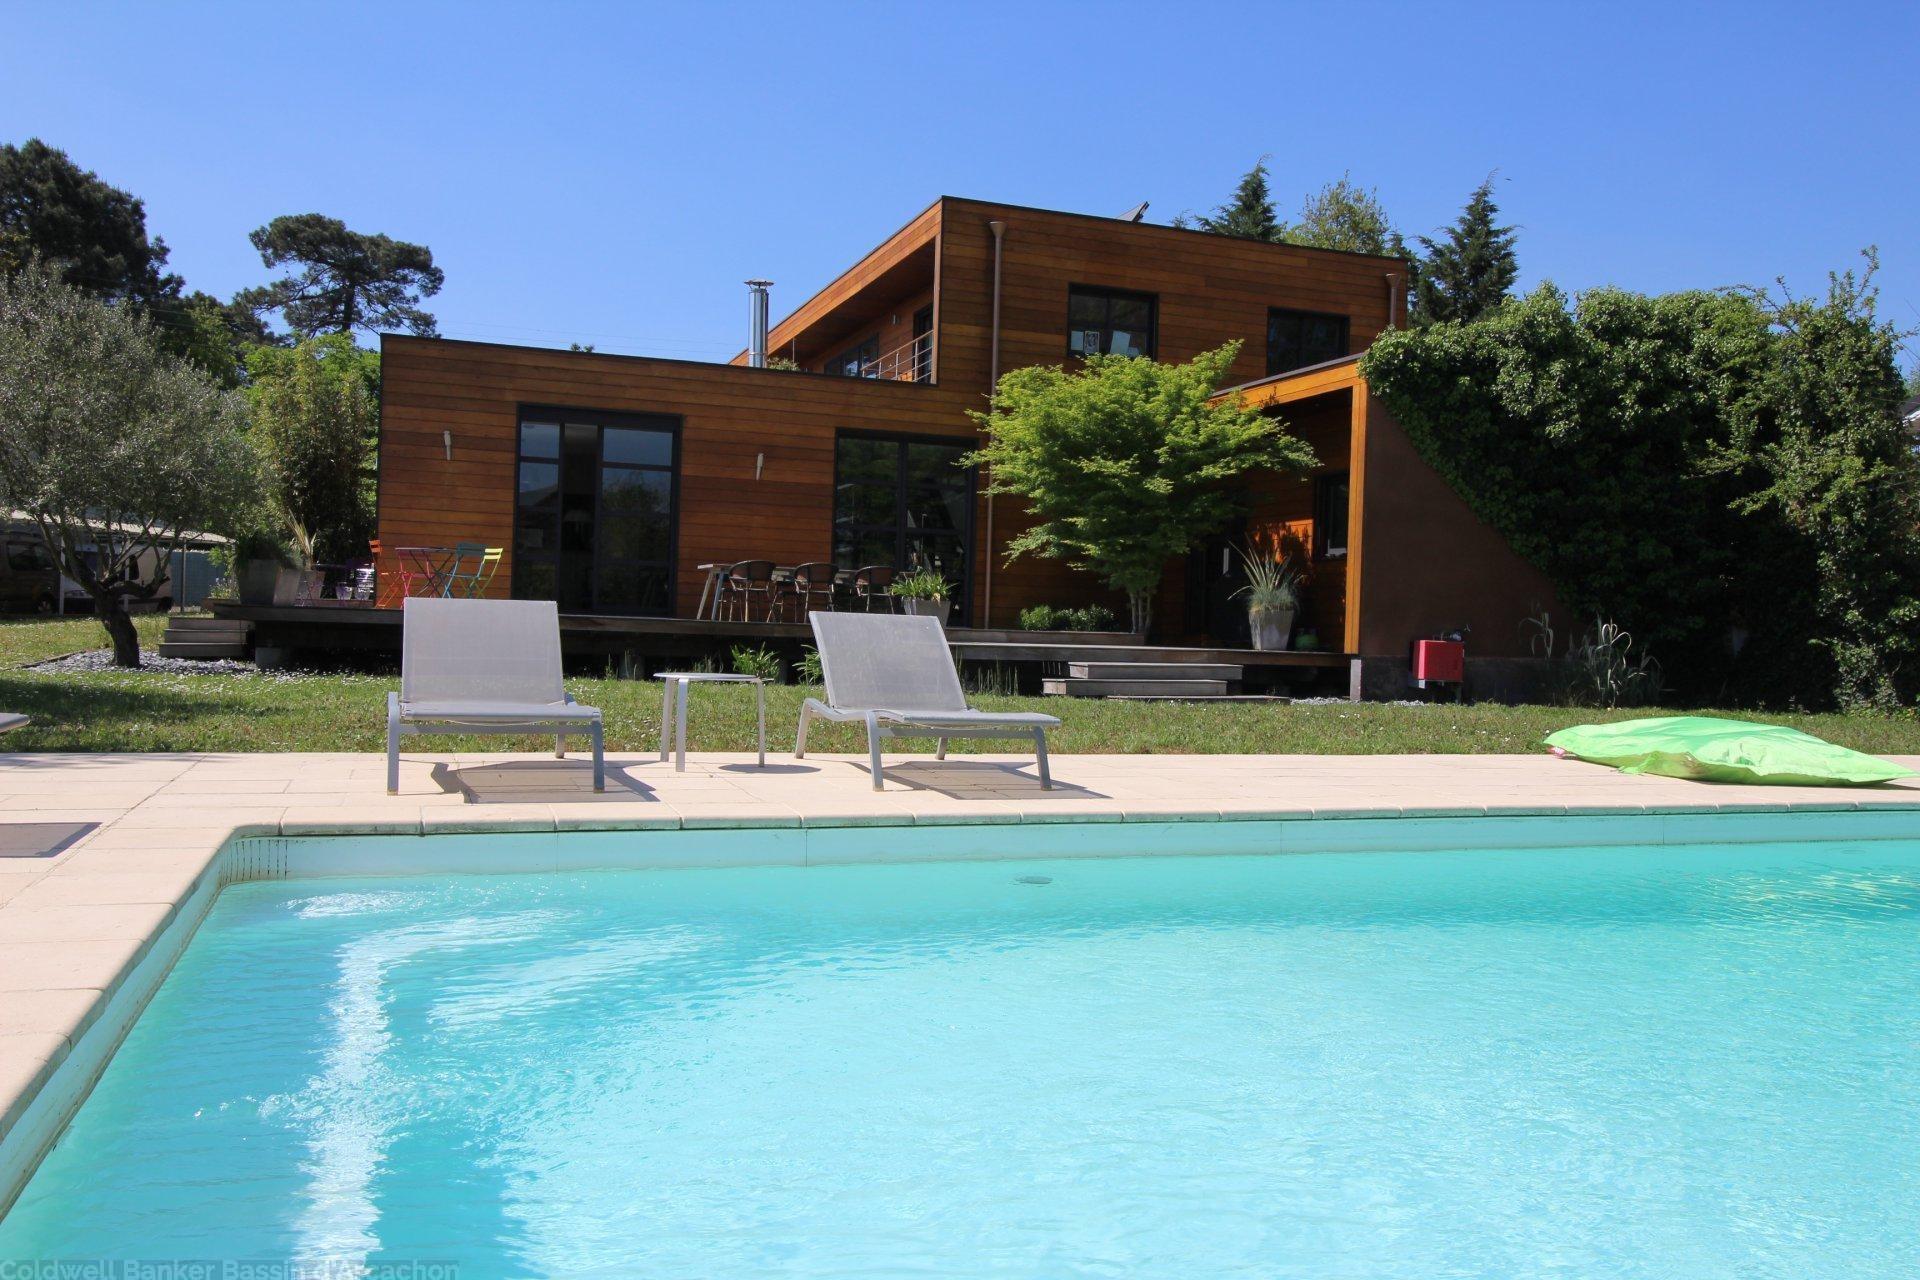 vente maison villa bordeaux merignac grande maison en. Black Bedroom Furniture Sets. Home Design Ideas